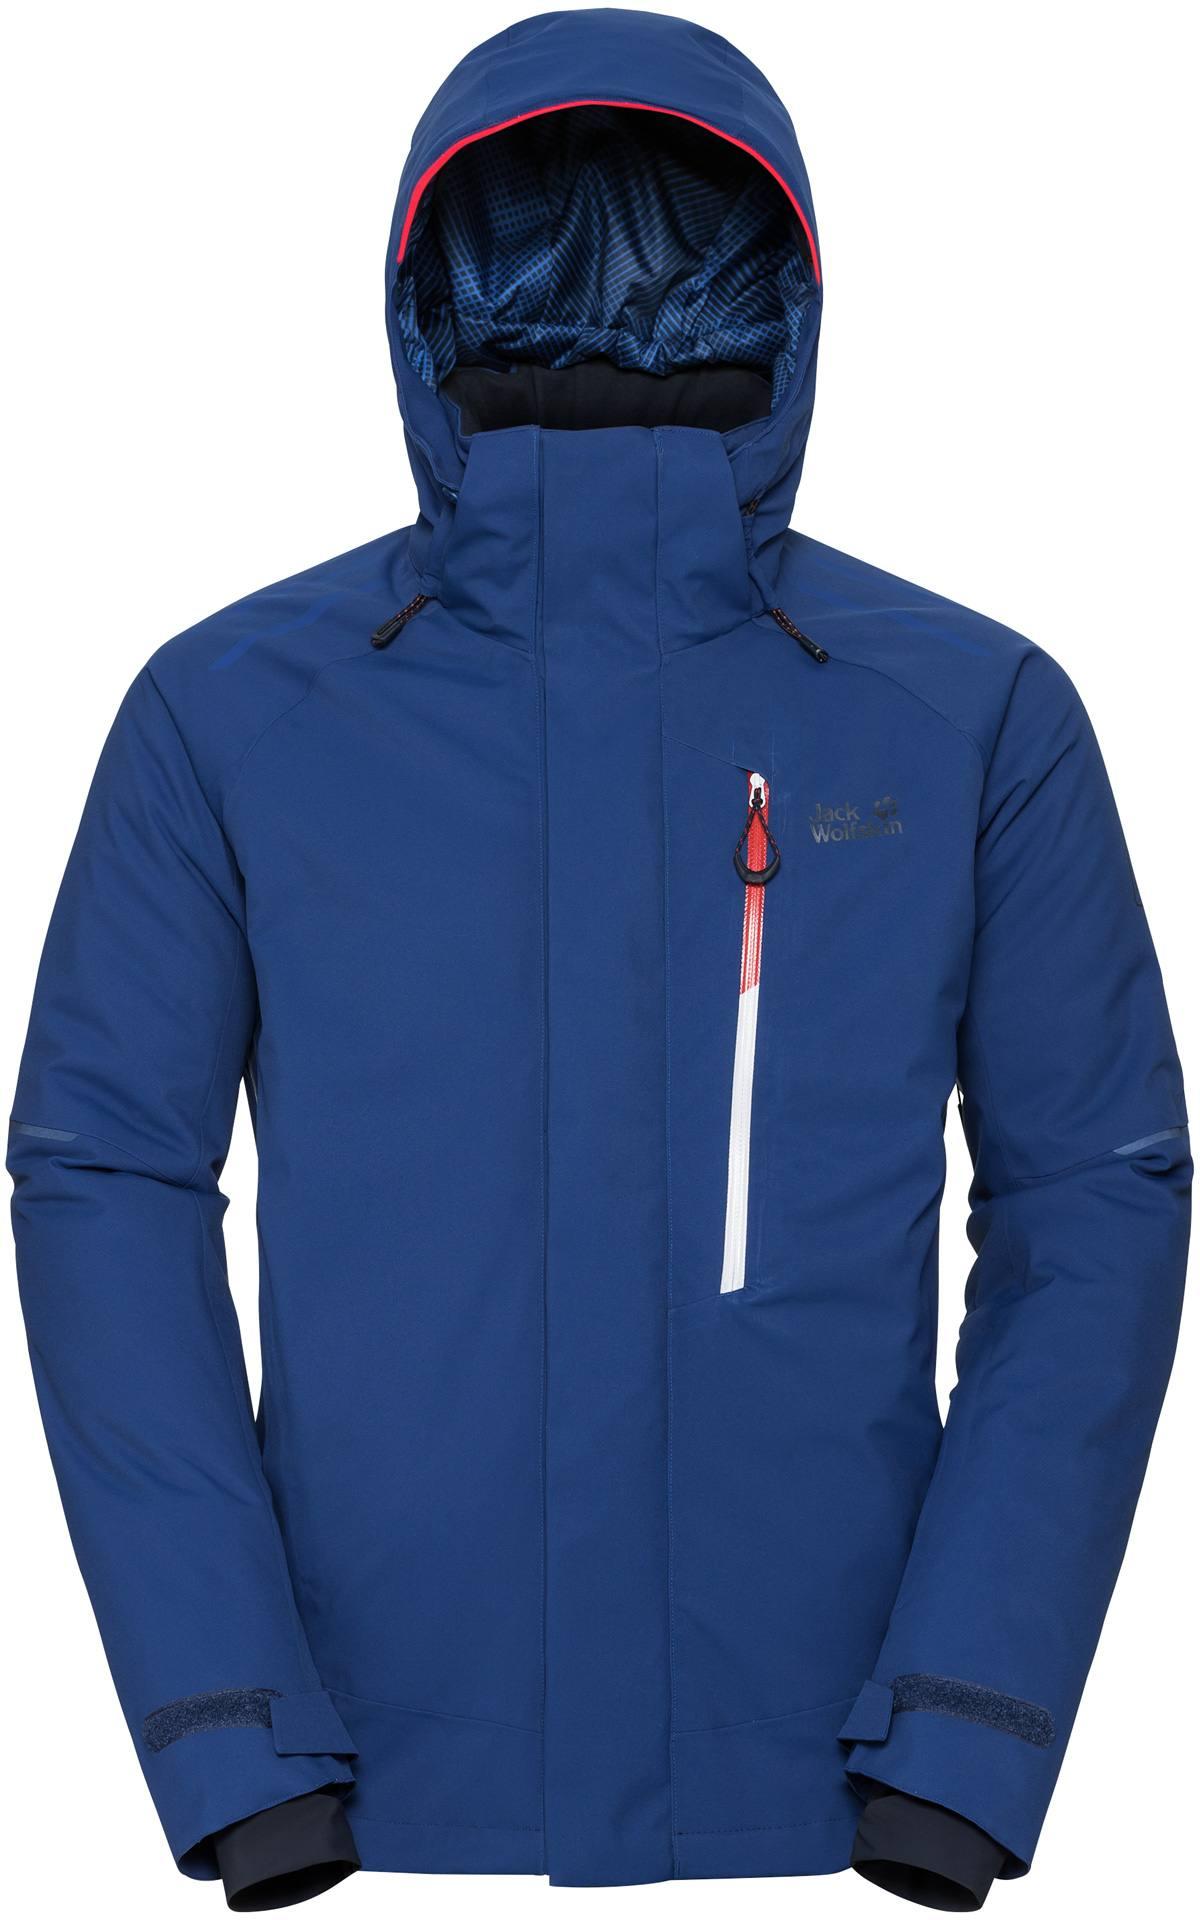 Jack Wolfskin Exolight Icy Jacket Men Scandinavian Outdoor